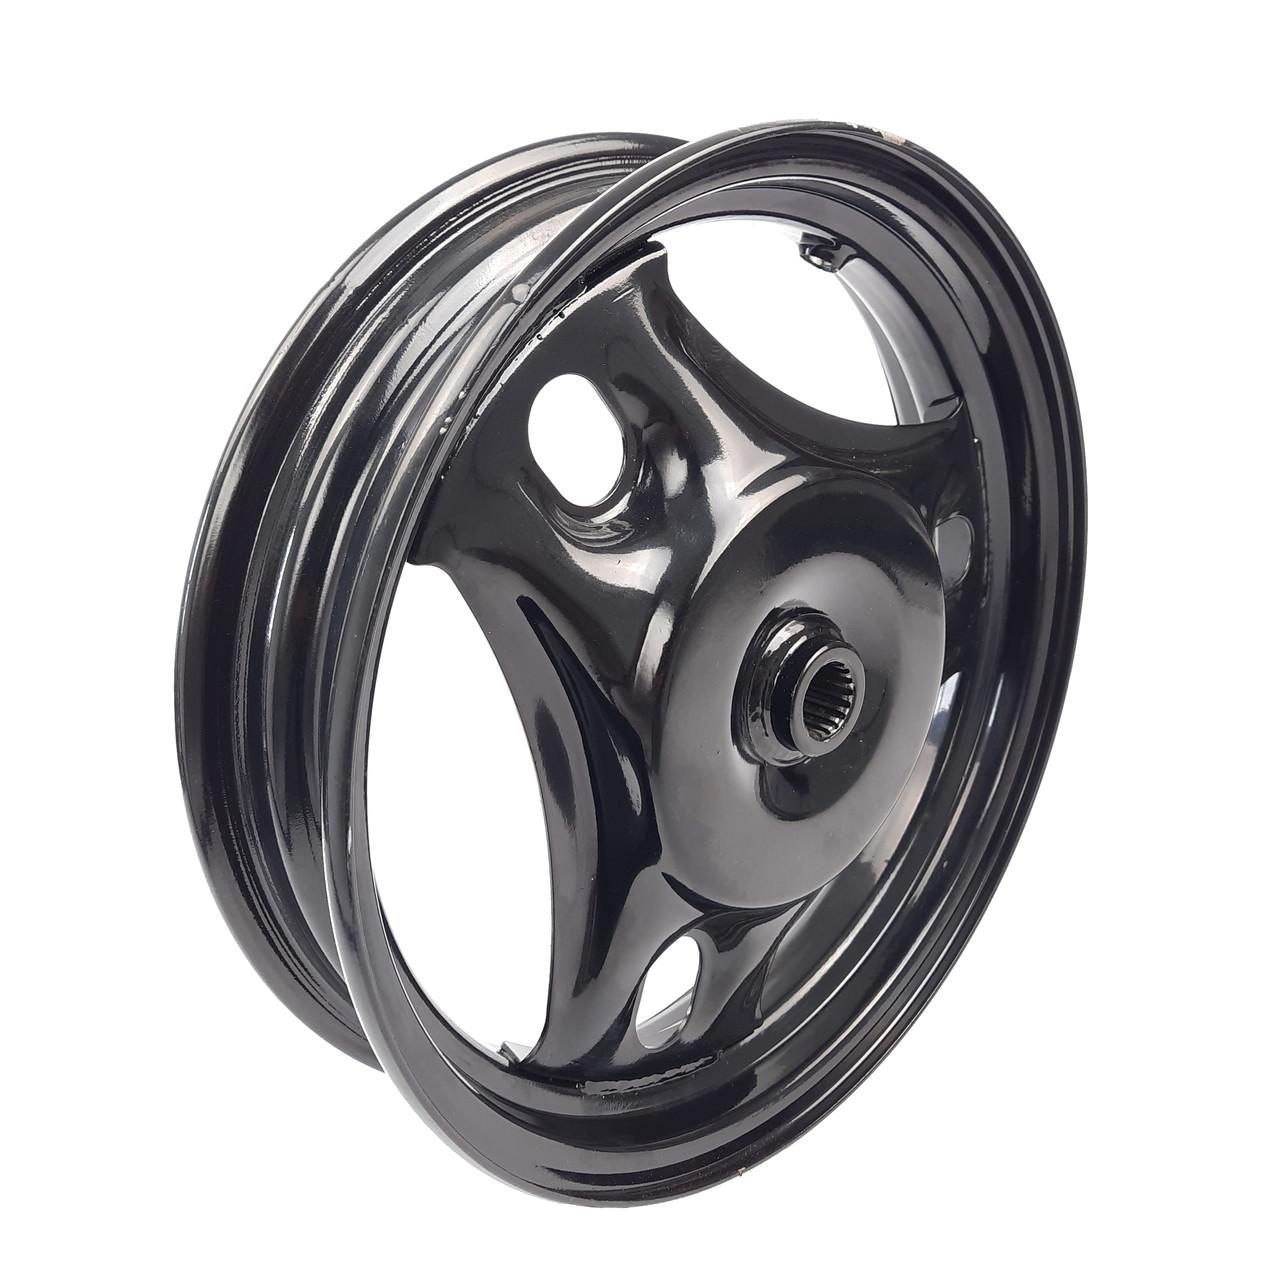 Диск колеса задний 2.50*10 SUZUKI LETS 1/2/3, AD100 колодки 110мм черный